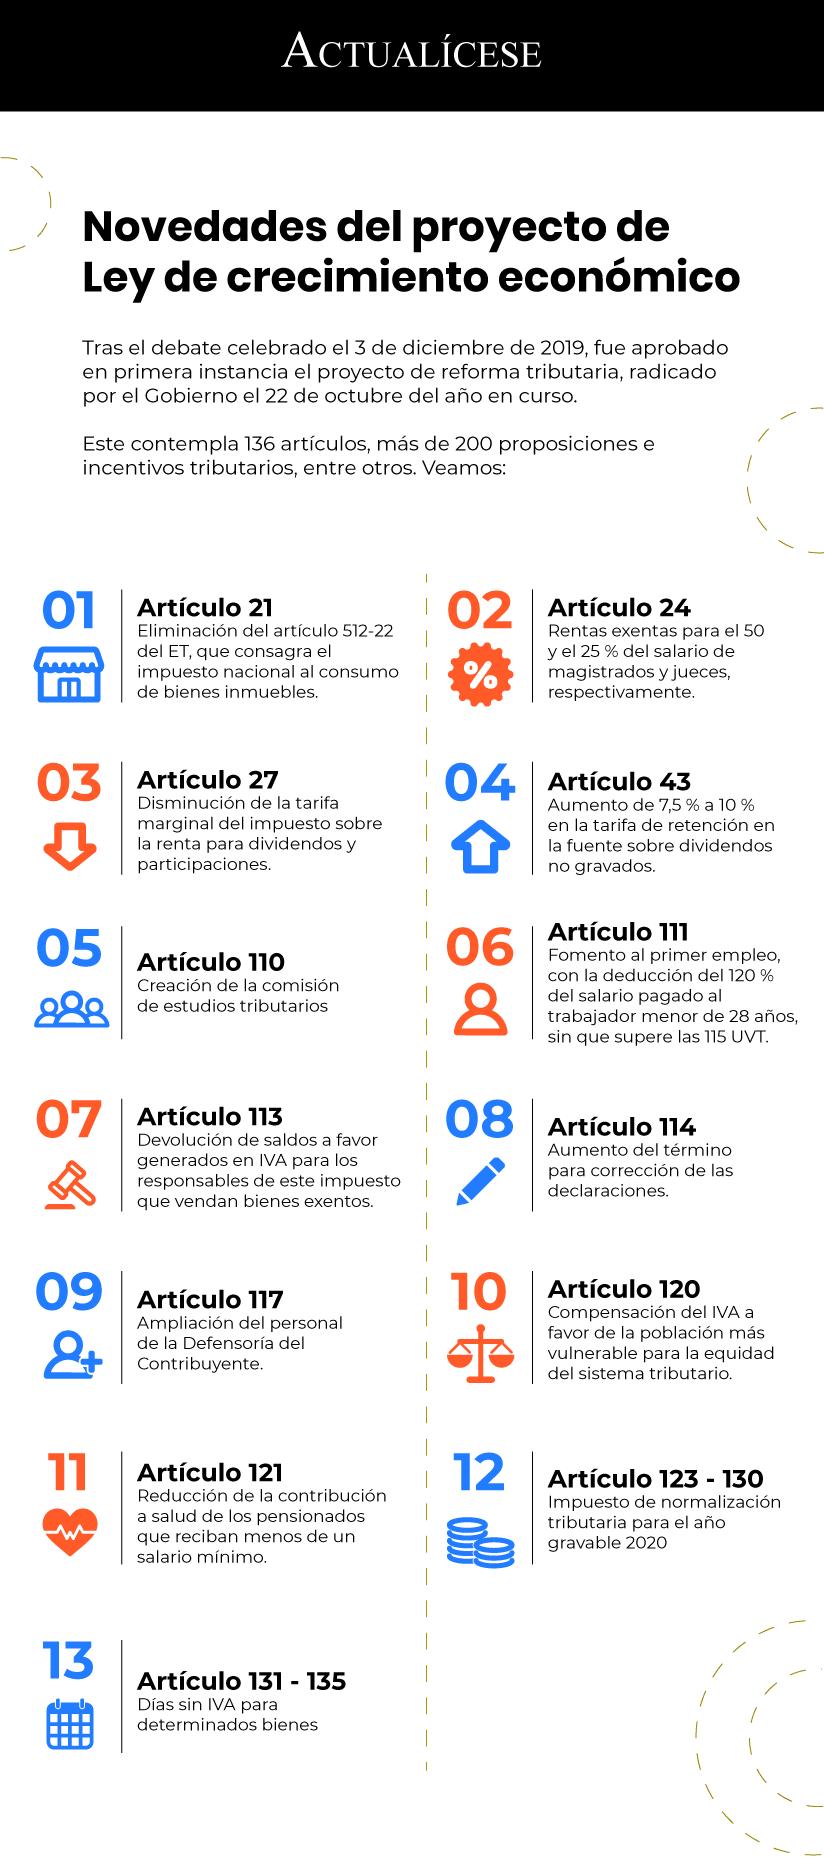 [Infografía] Novedades del proyecto de Ley de crecimiento económico